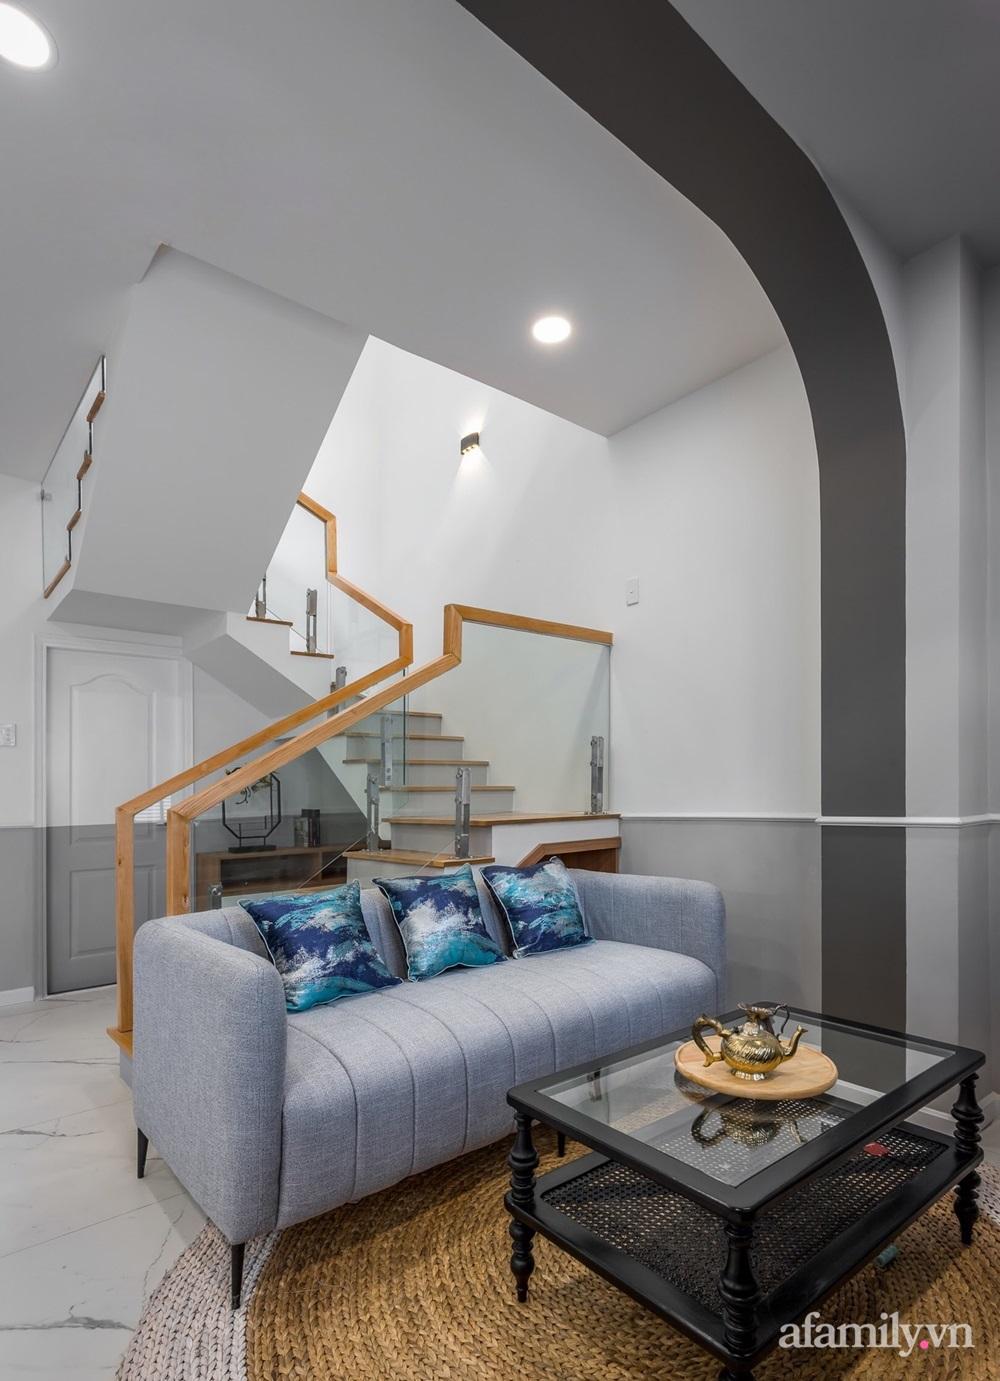 Căn nhà phố cũ kỹ rộng 80m² được cải tạo đẹp tiện nghi với gam màu sáng có chi phí 650 triệu đồng - Ảnh 10.